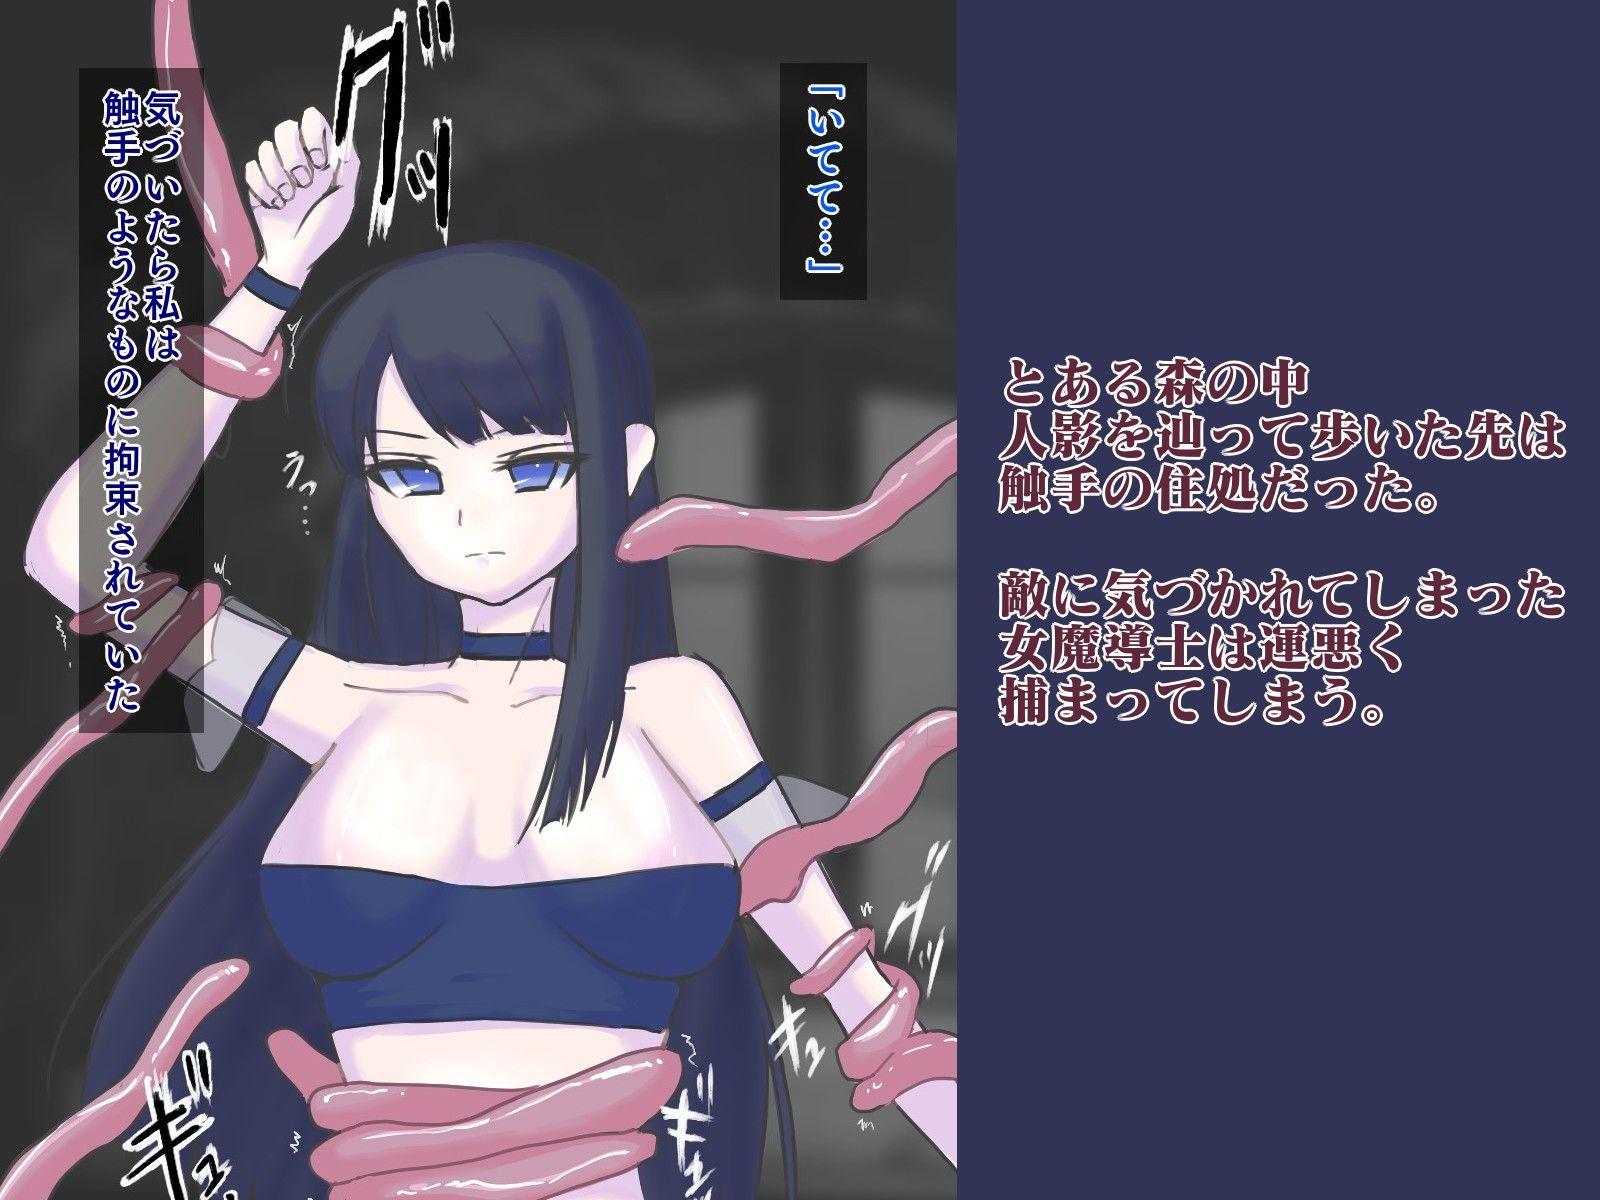 【ひげんじつ 同人】迷いの魔導士~永久触手地獄~